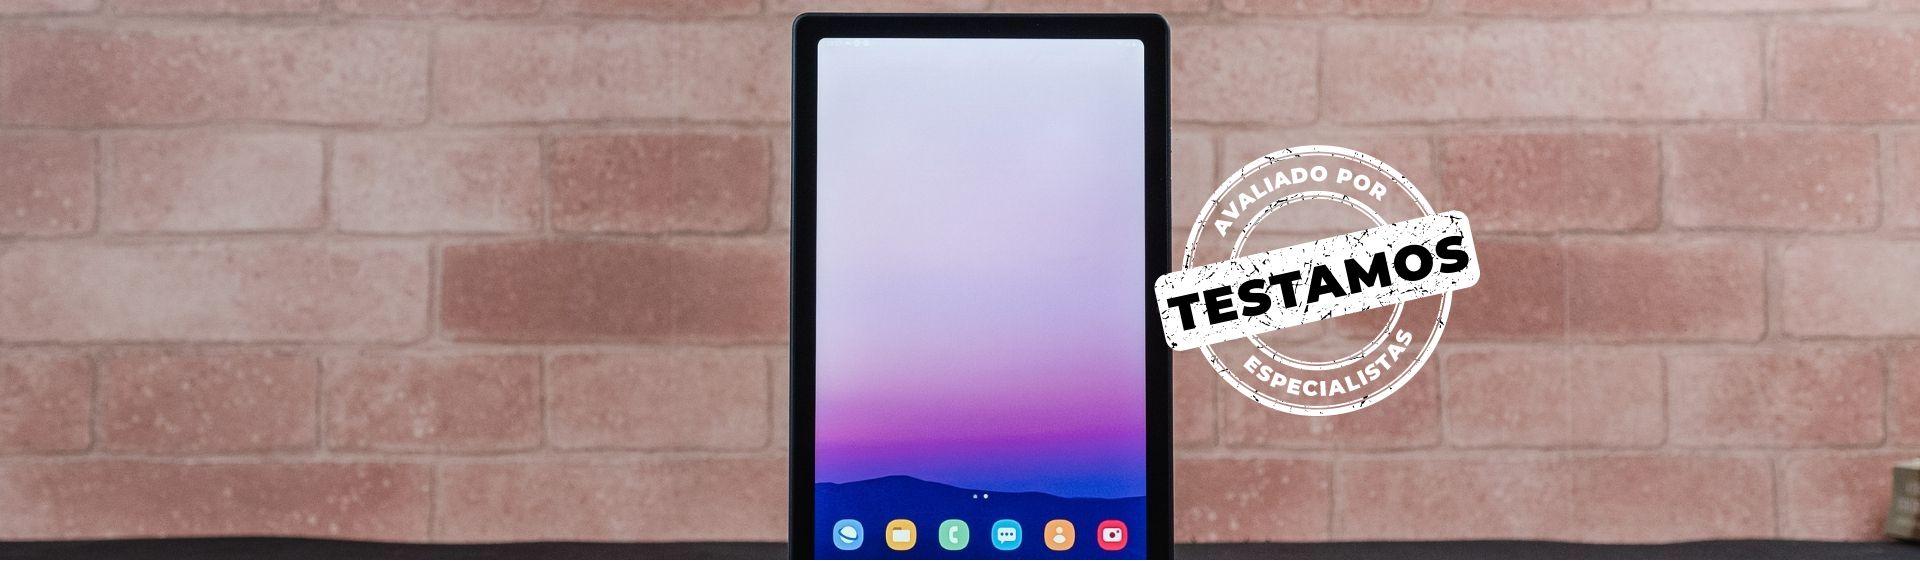 Galaxy Tab A7: tablet combina bom desempenho e preço acessível